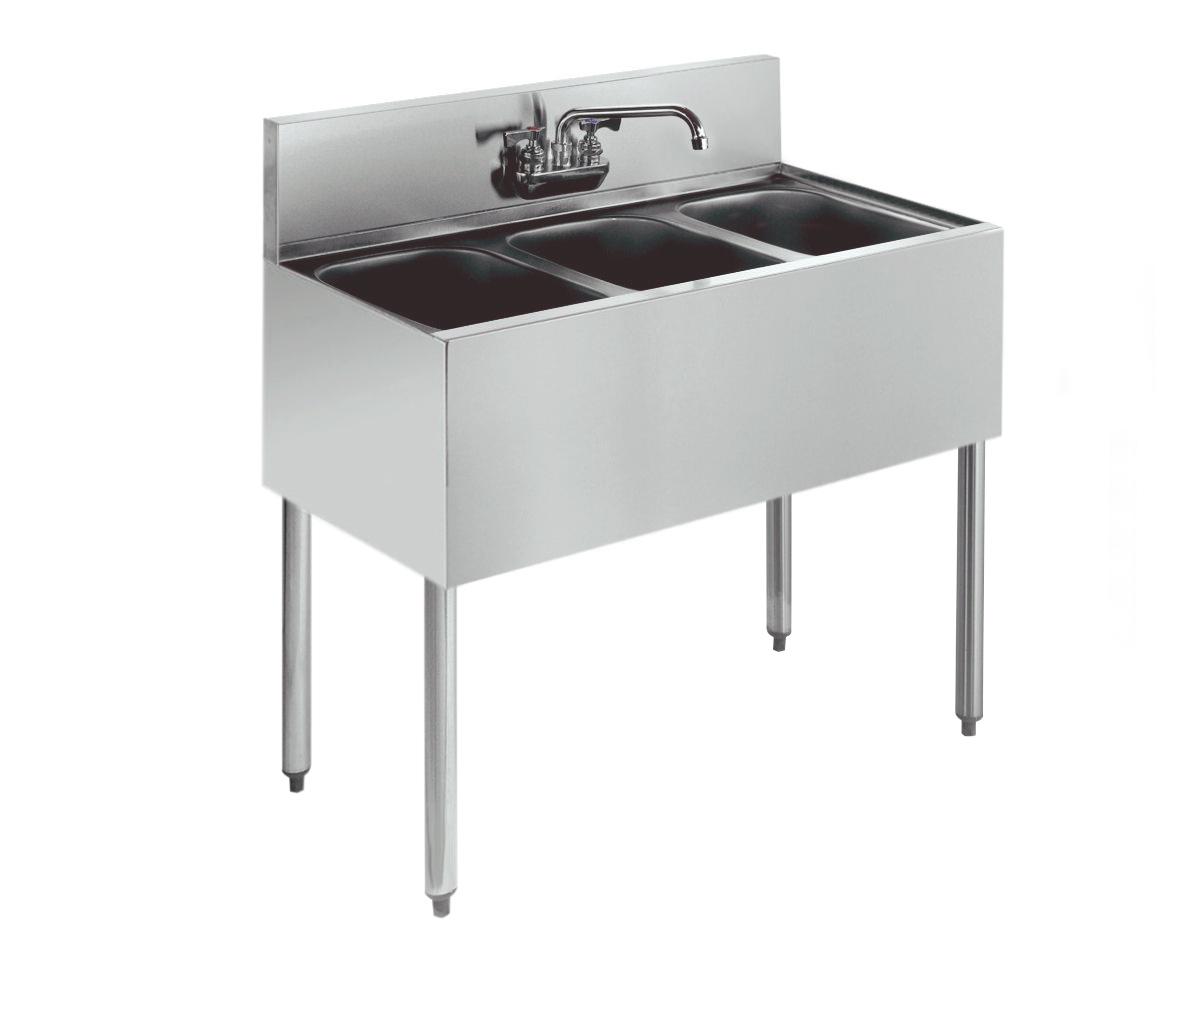 Krowne Metal KR18-33C underbar sink units